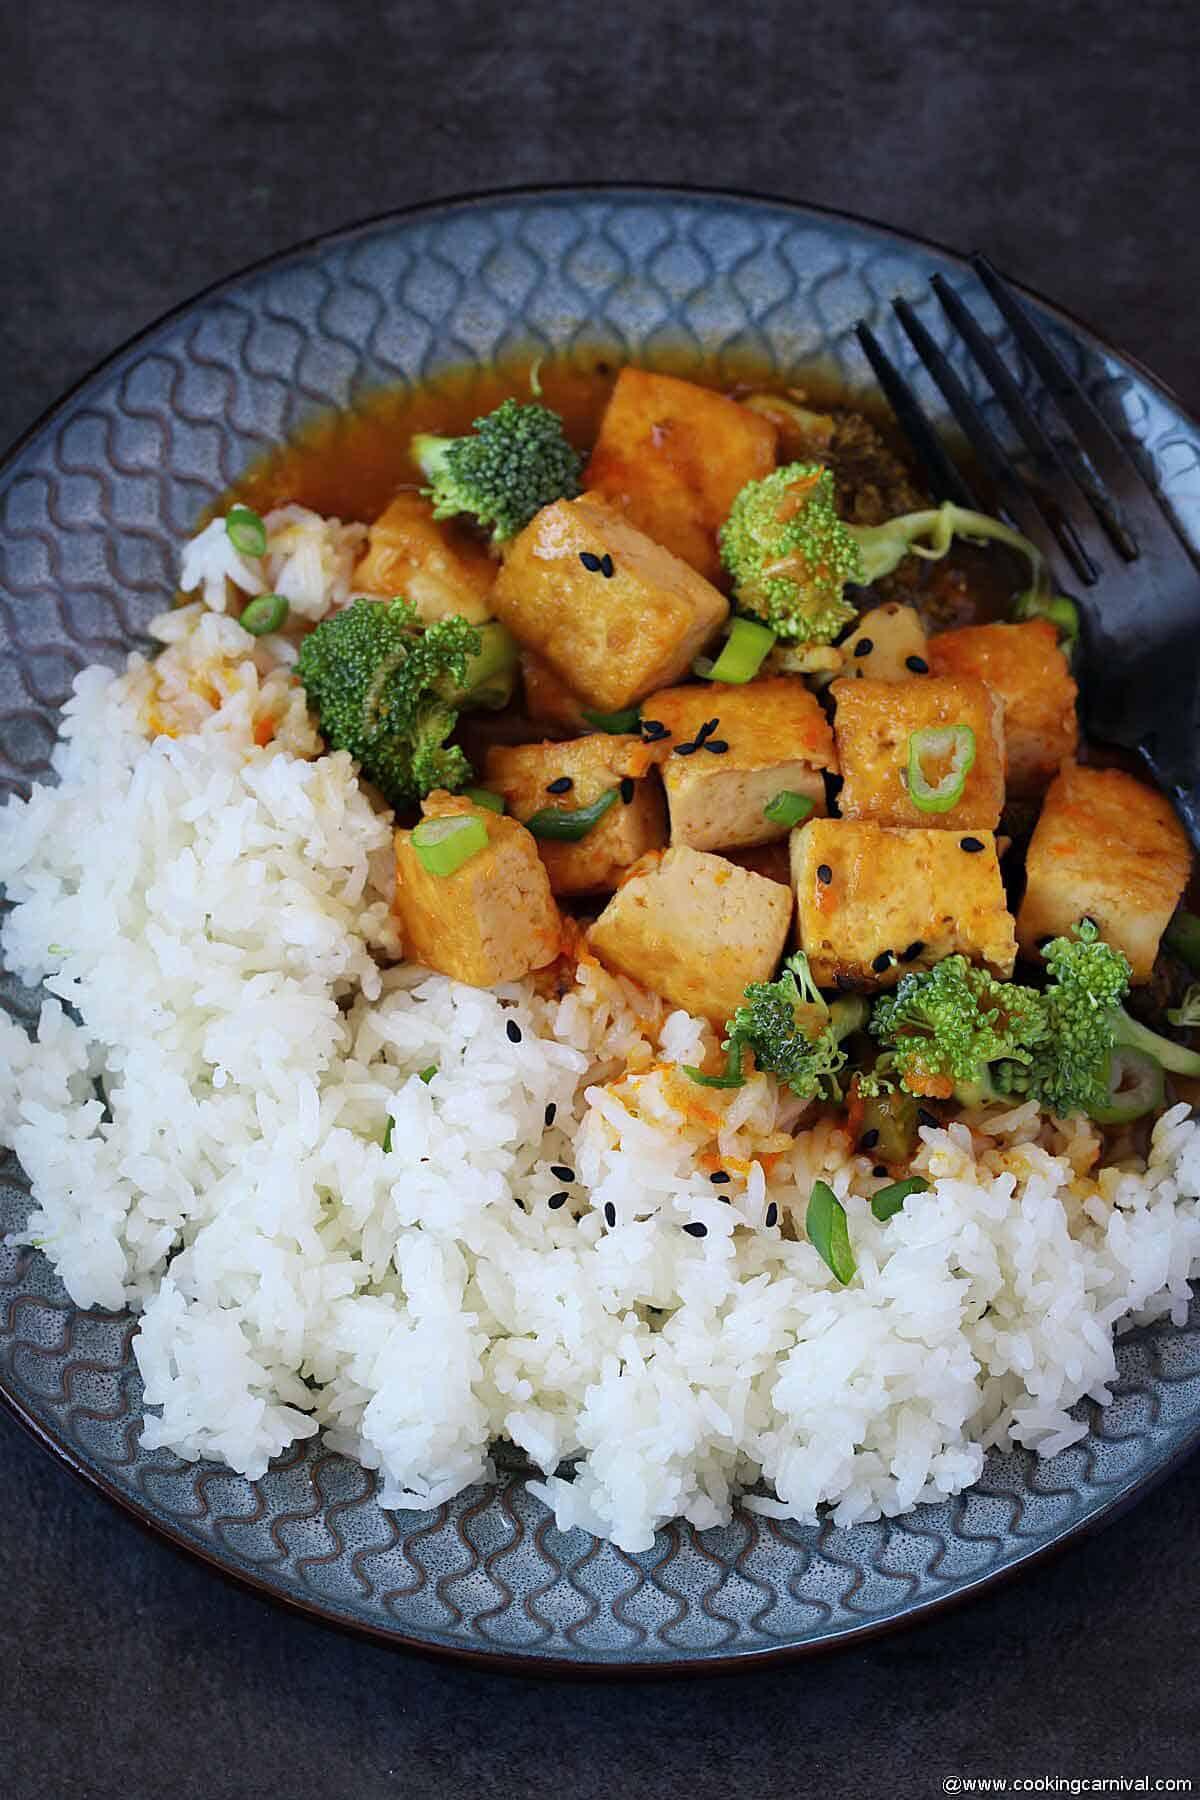 Jasmine rice with orange tofu broccoli in plate